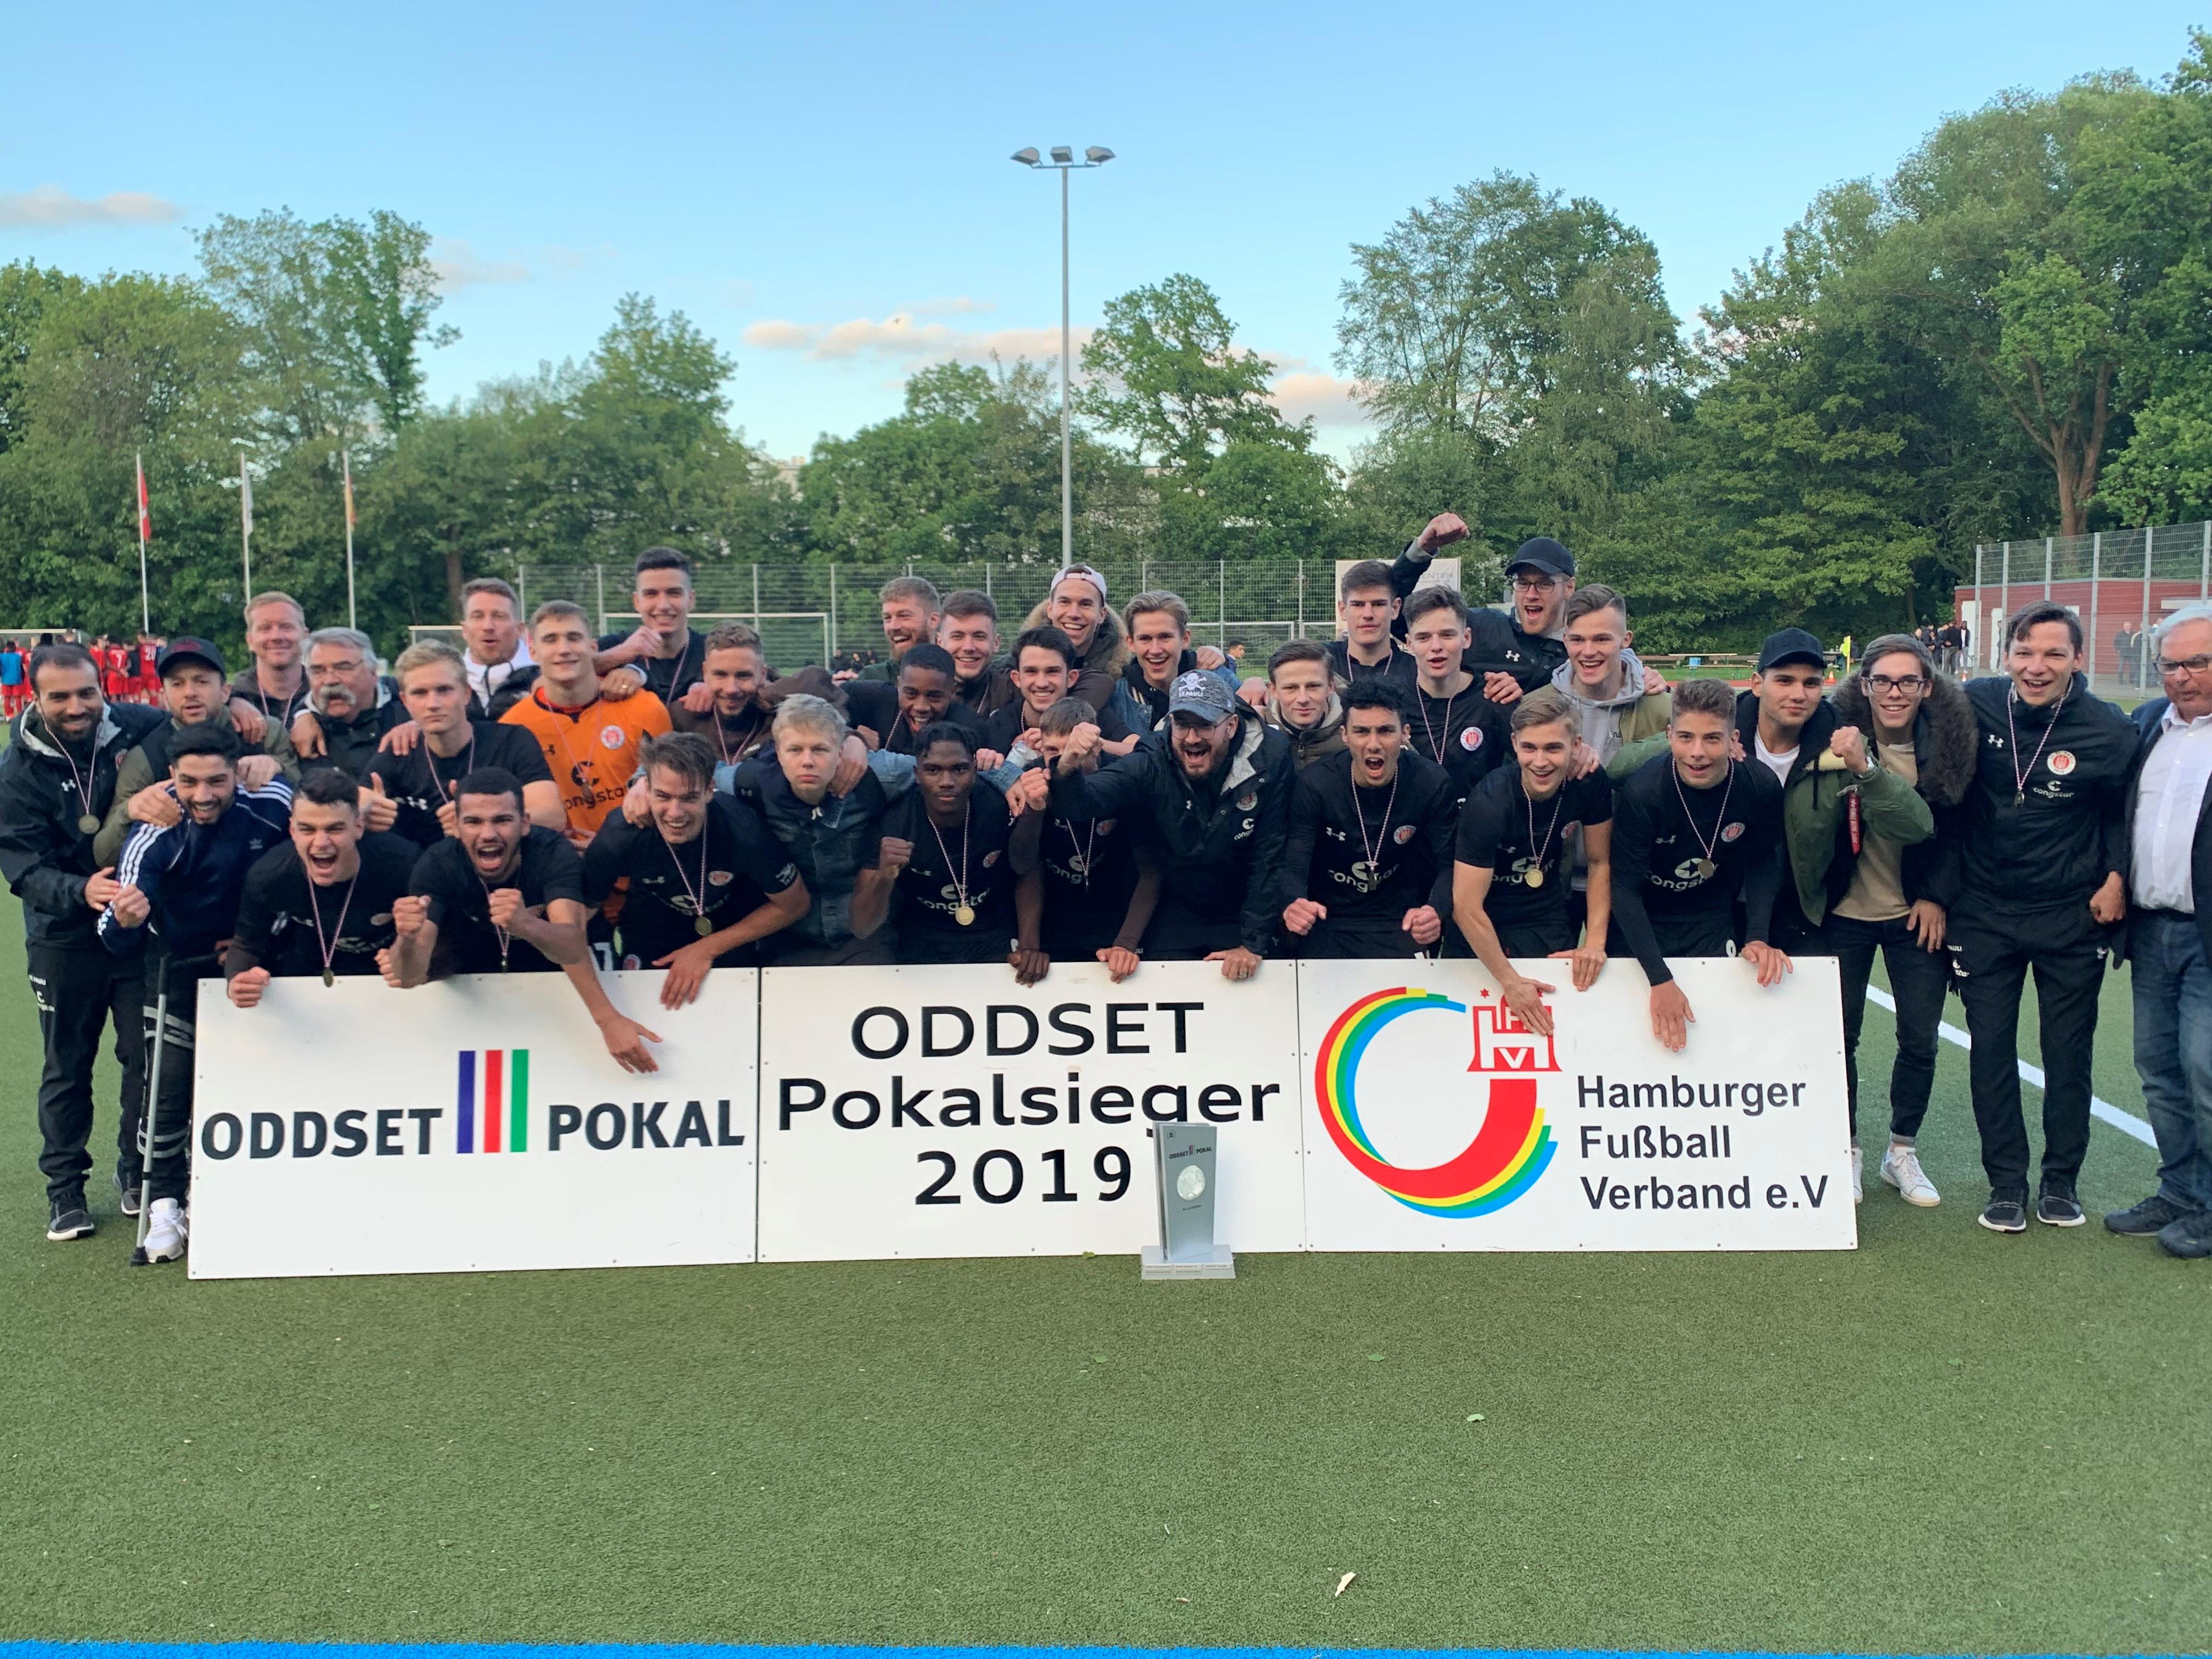 2:0 gegen den ETV: U19 feiert Pokalsieg  - U16 zieht ins Endspiel ein